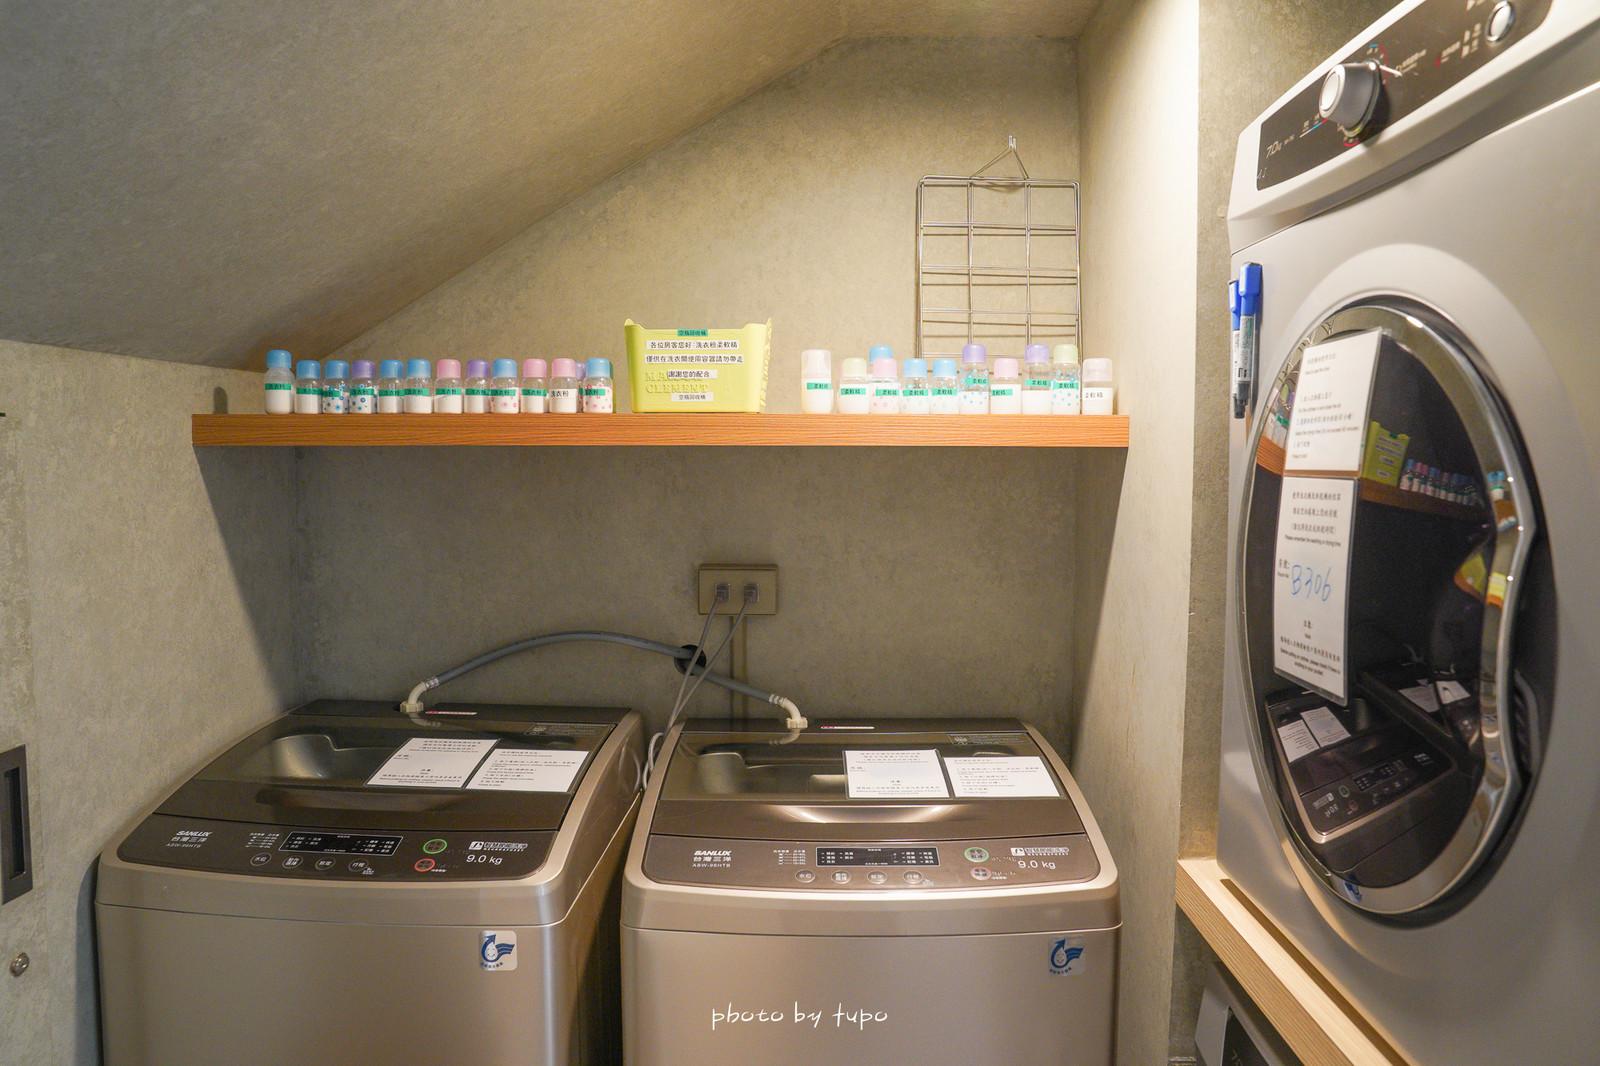 彰化田中住宿》彰化最潮!田中文旅,距離田中火車站一分鐘,免費下午茶點心宵夜洗衣機烘衣機,房間可以看火車!